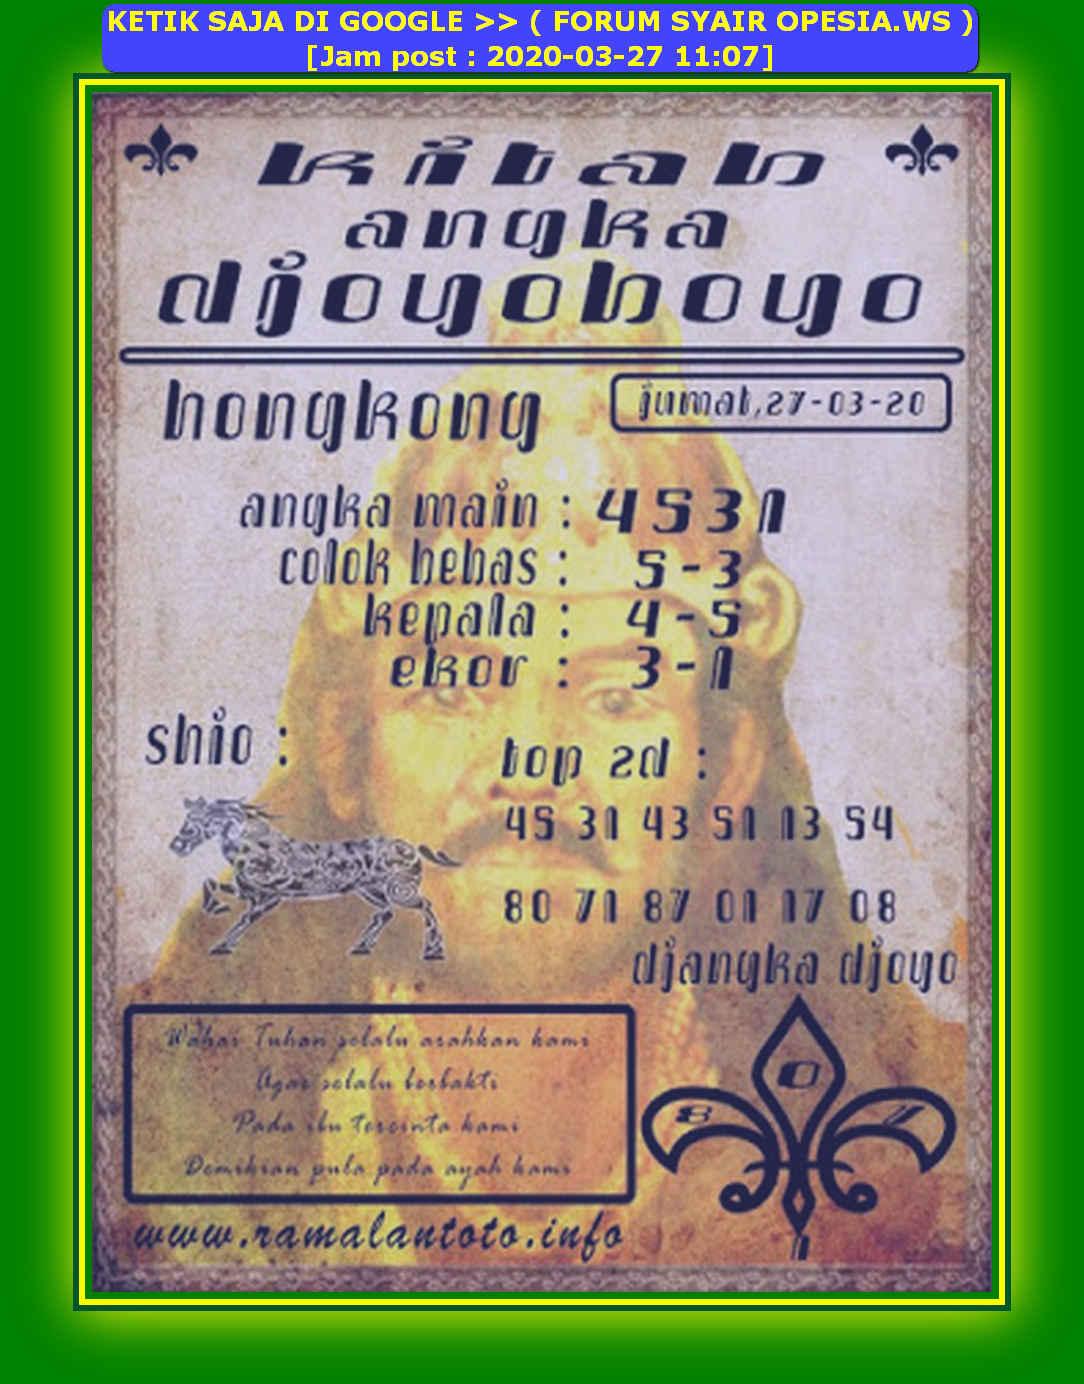 Kode syair Hongkong Jumat 27 Maret 2020 133